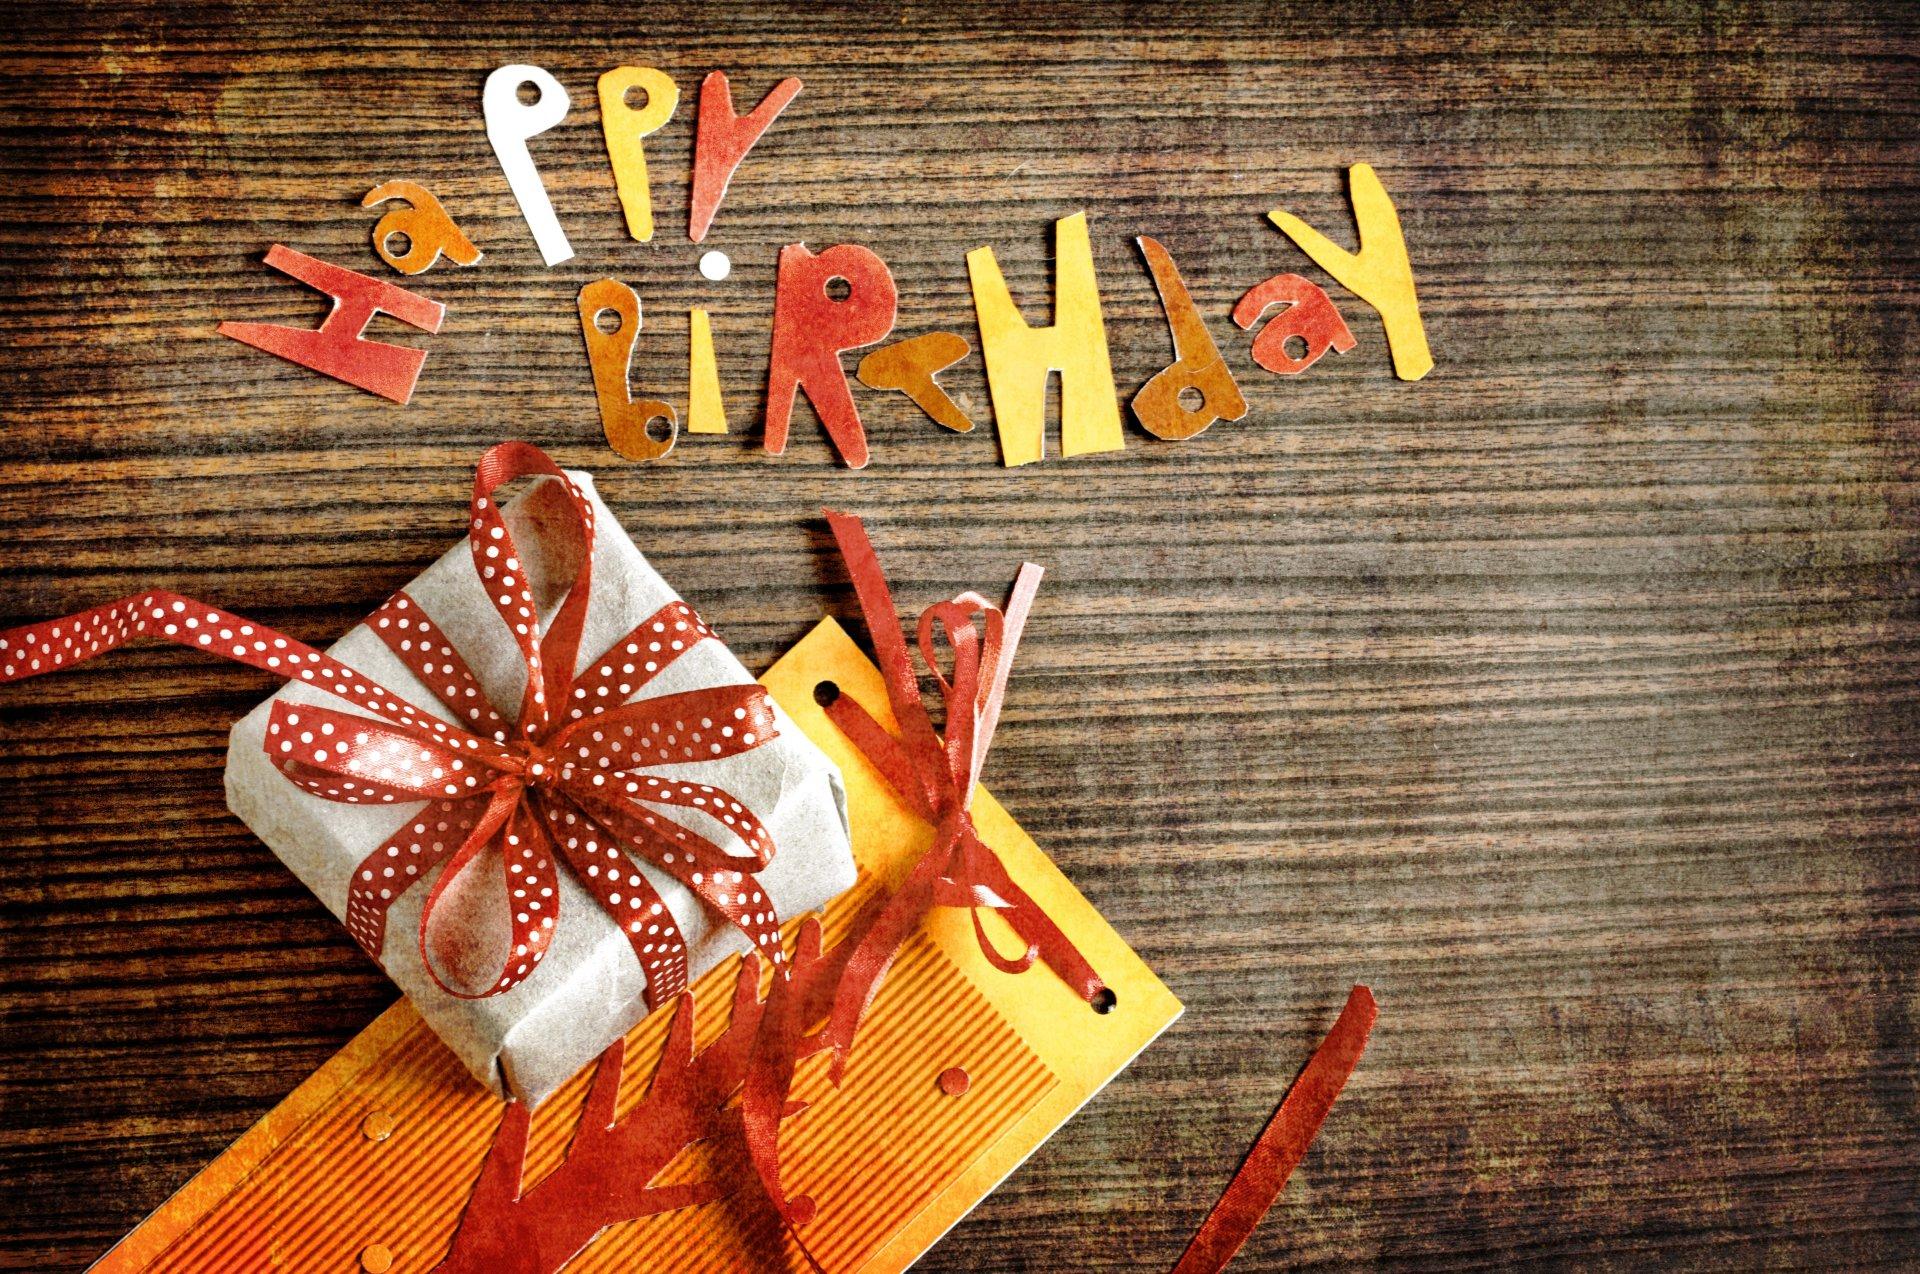 Открытка для мужчины коллеге с днем рождения